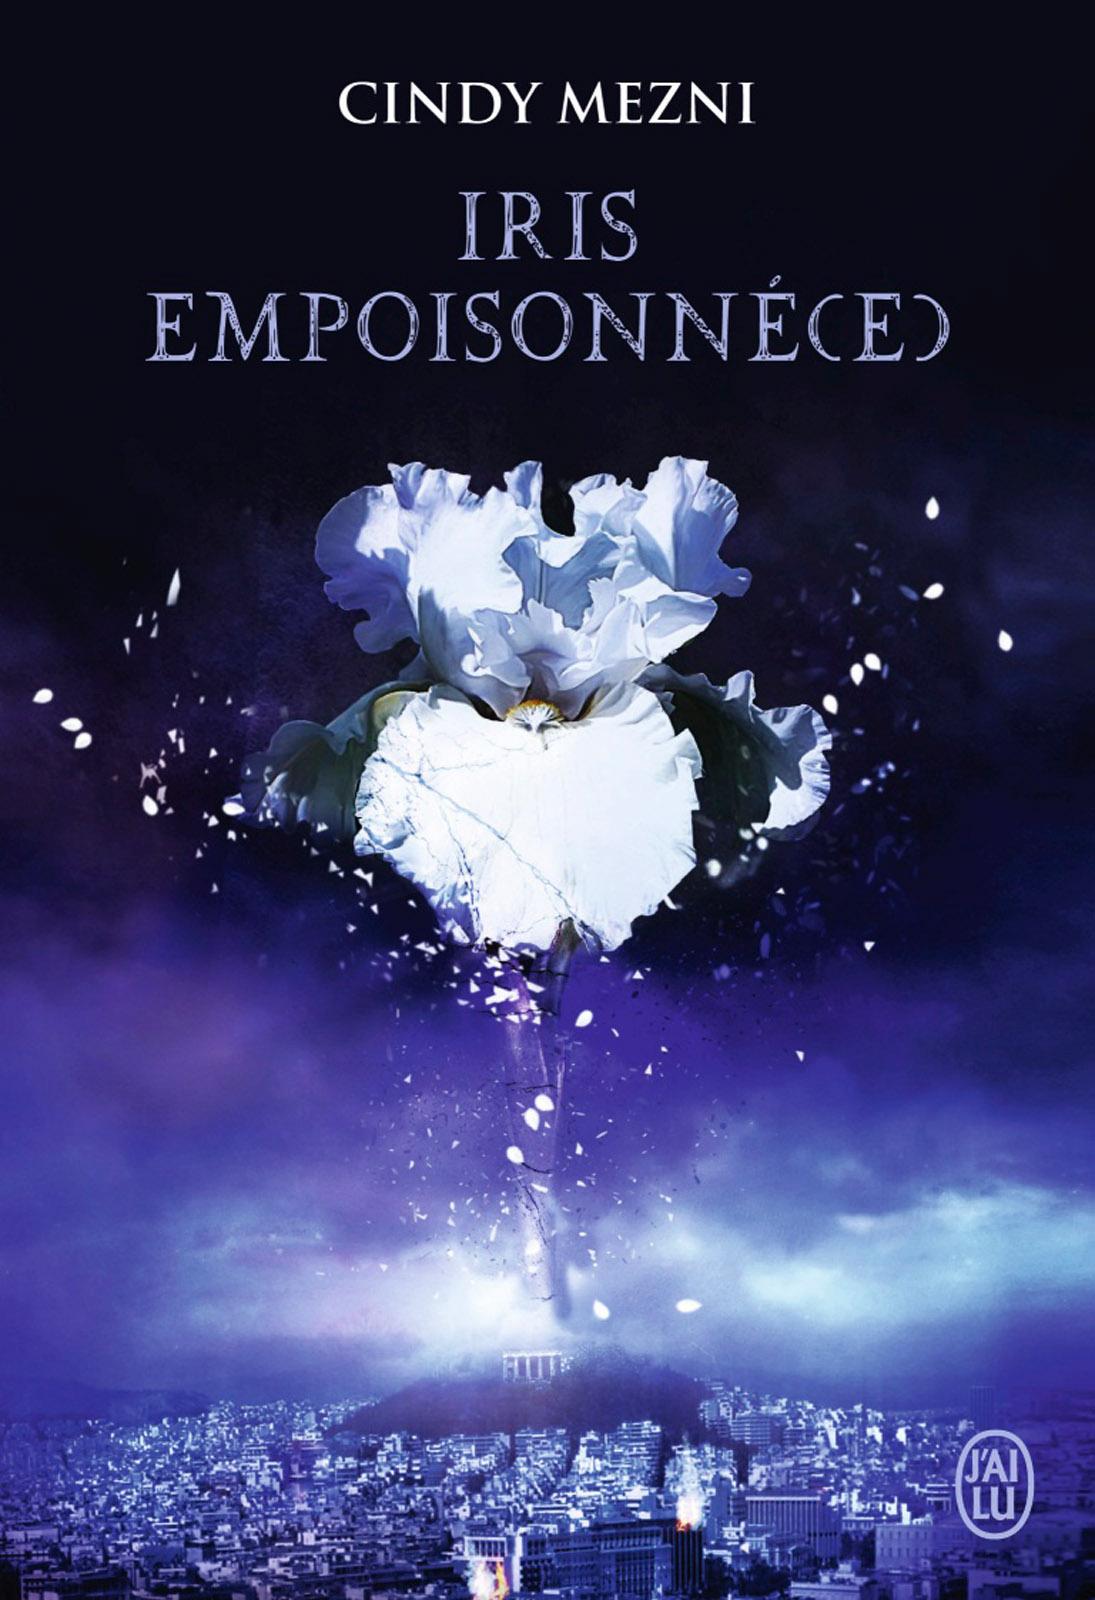 Iris empoisonné(e)